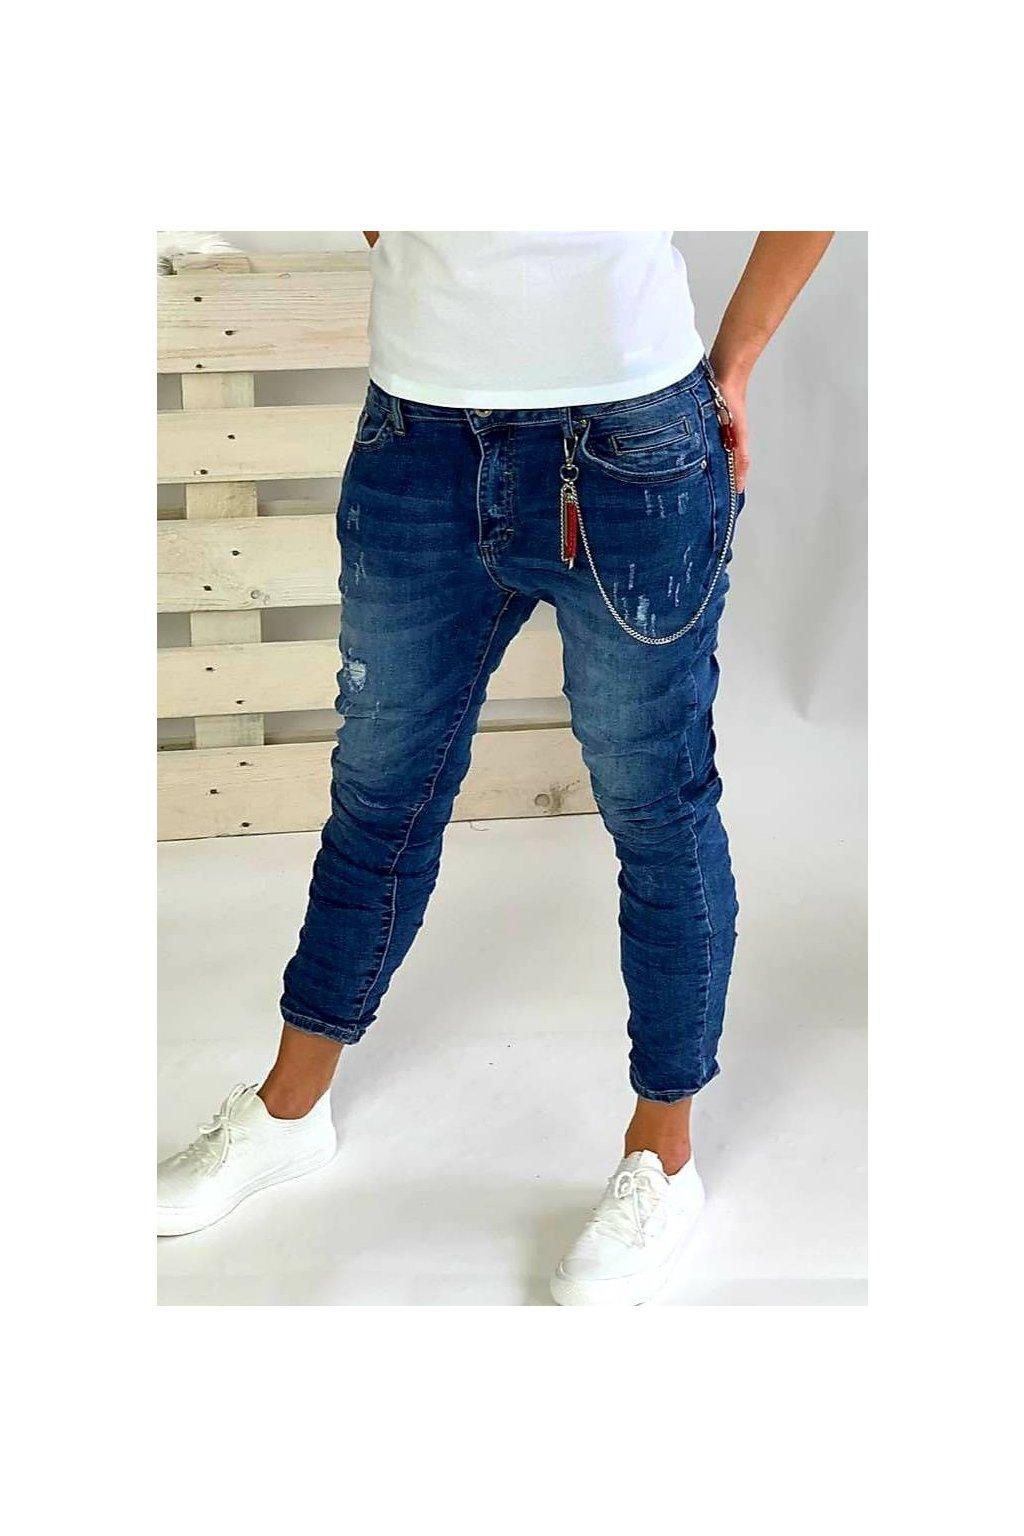 Dámské elastické jeansy modré, trhané